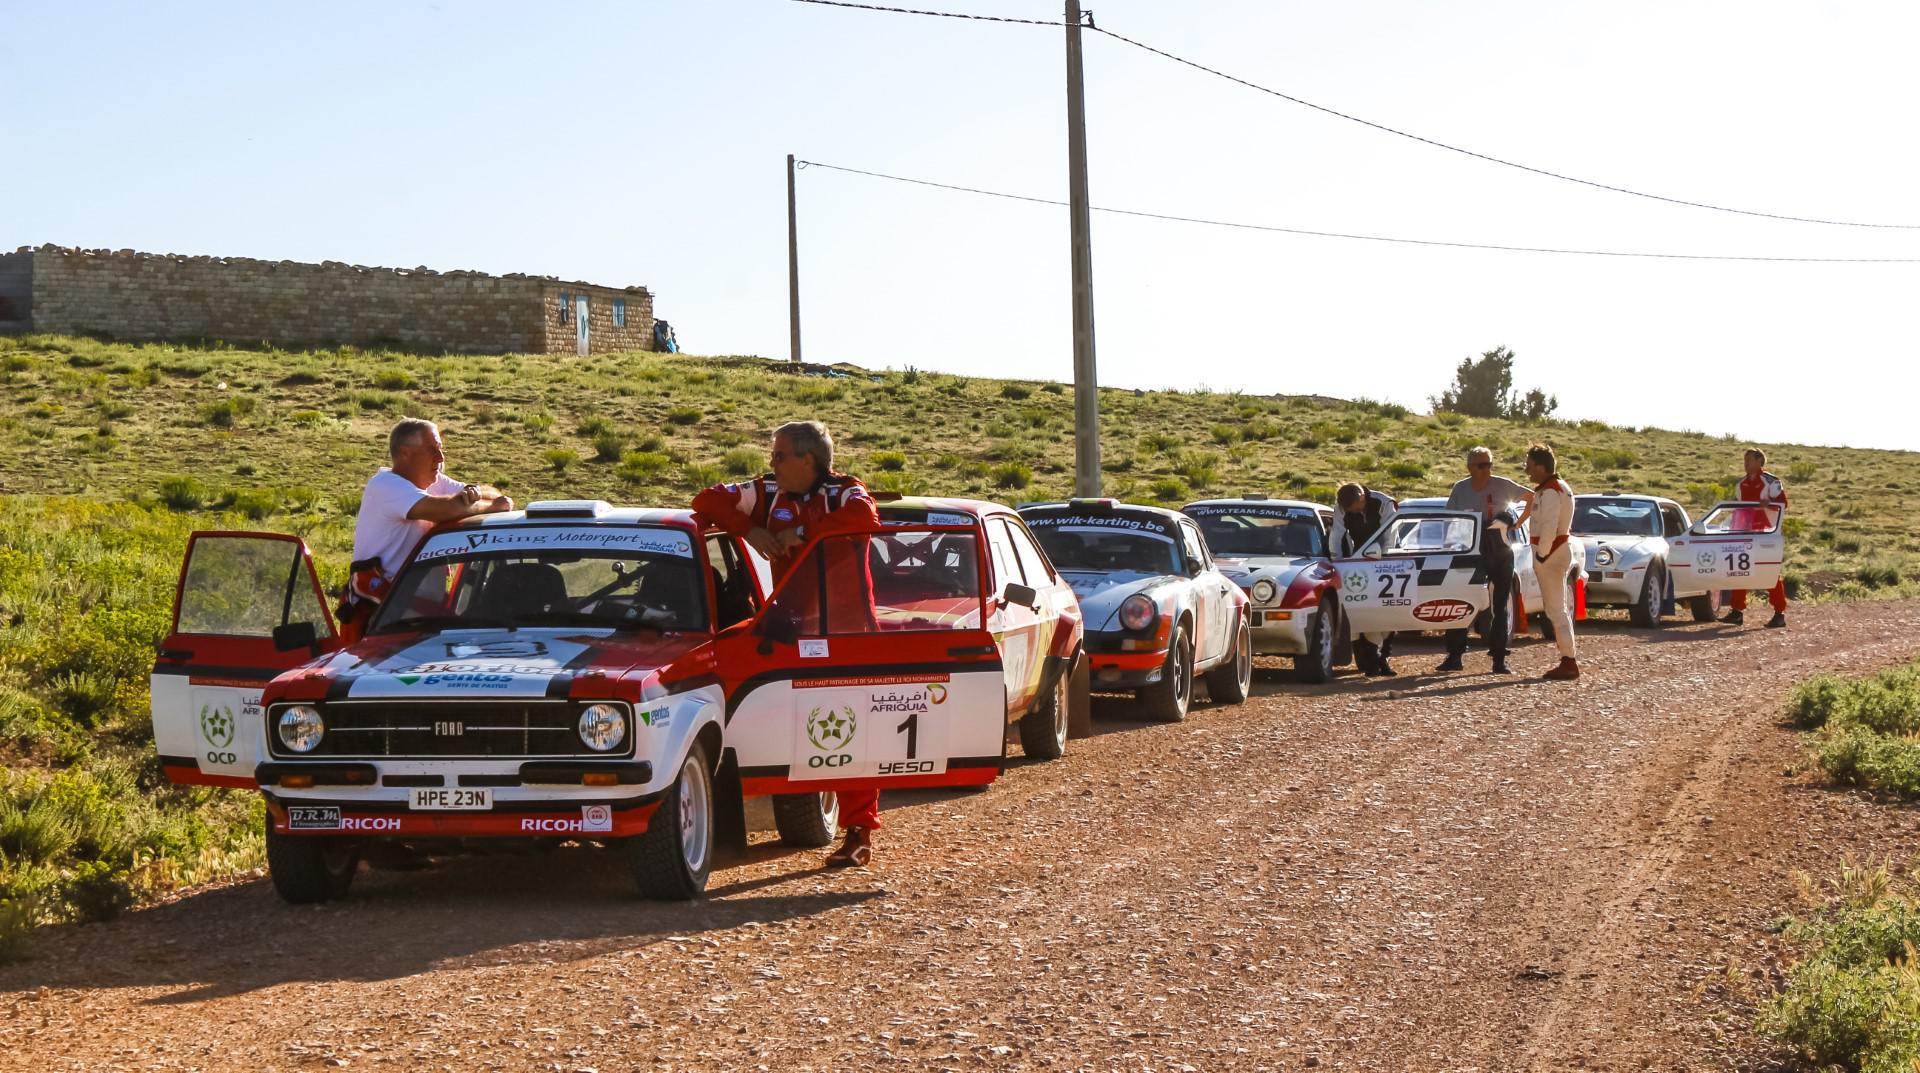 maroc-historic-rally-mhr-2018-deveza-remonte-sur-oreille-825-7.jpg